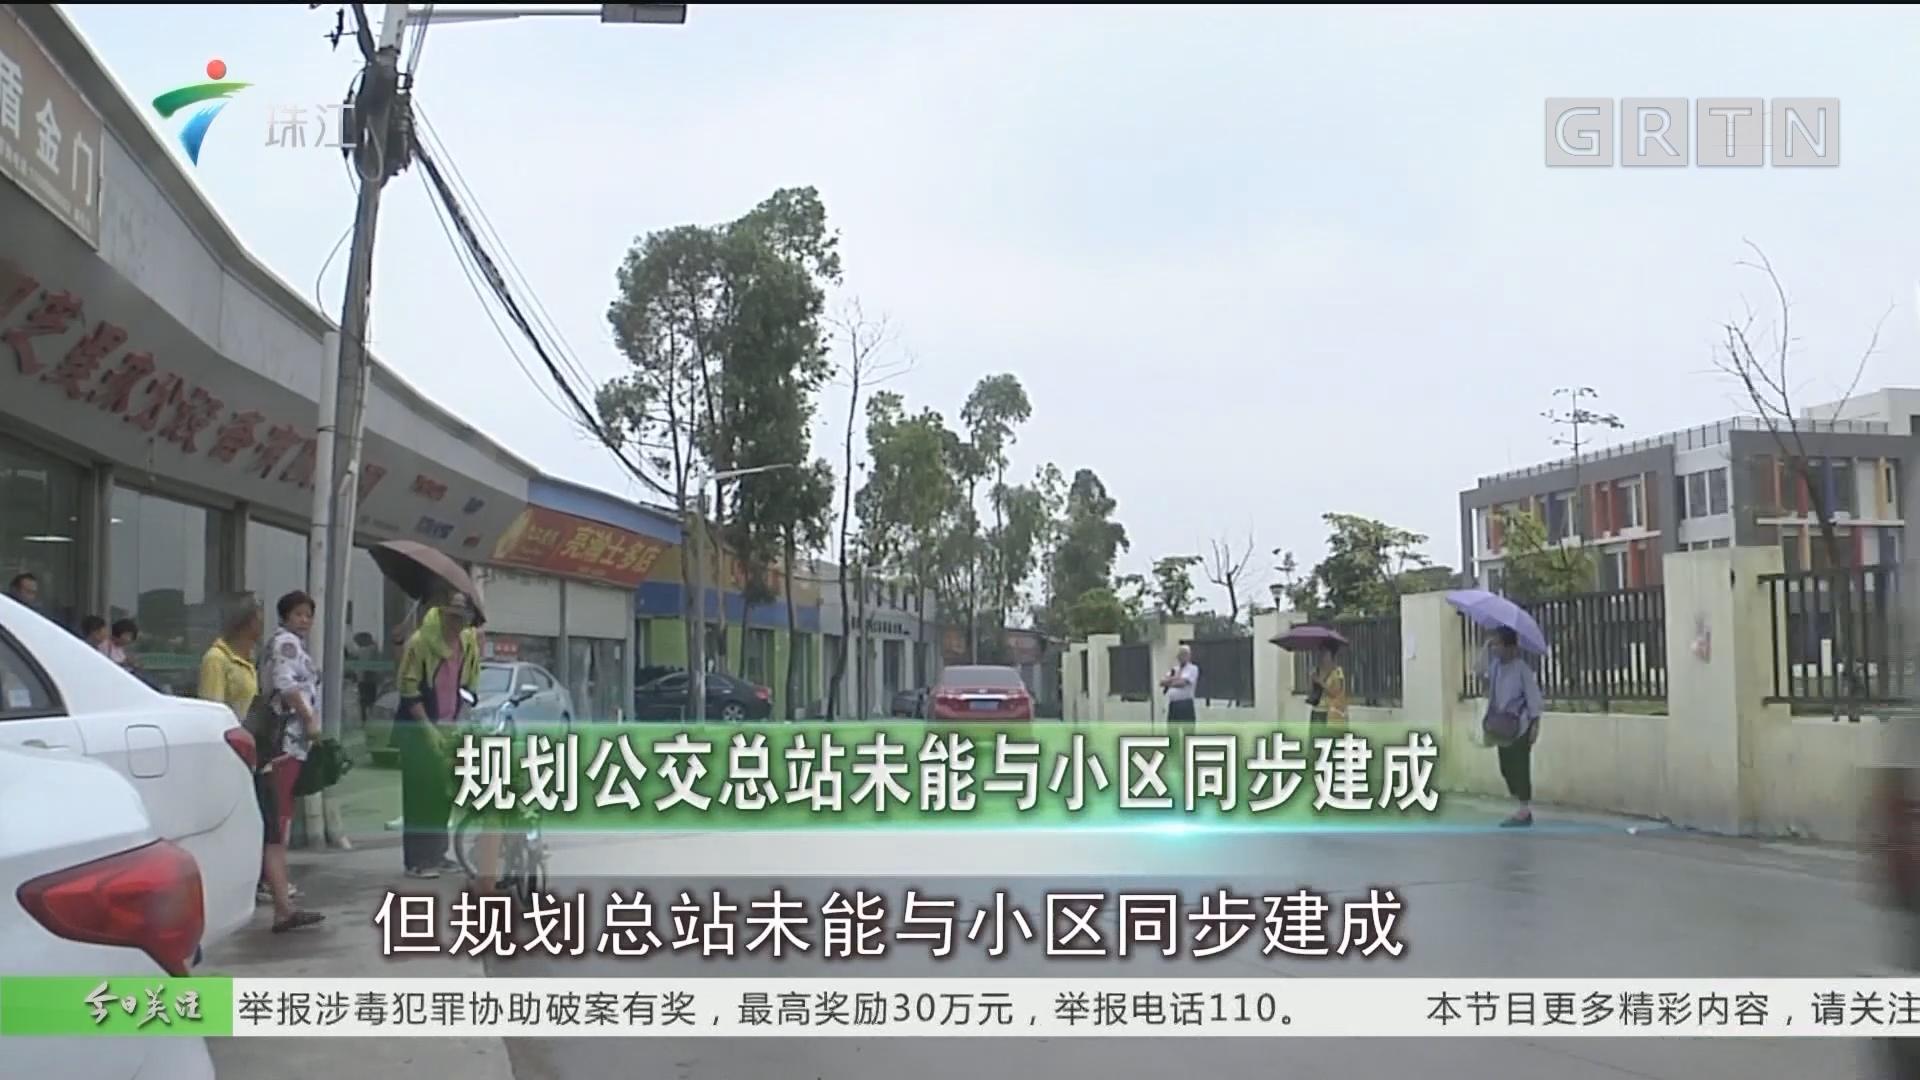 规划公交总站未能与小区同步建成